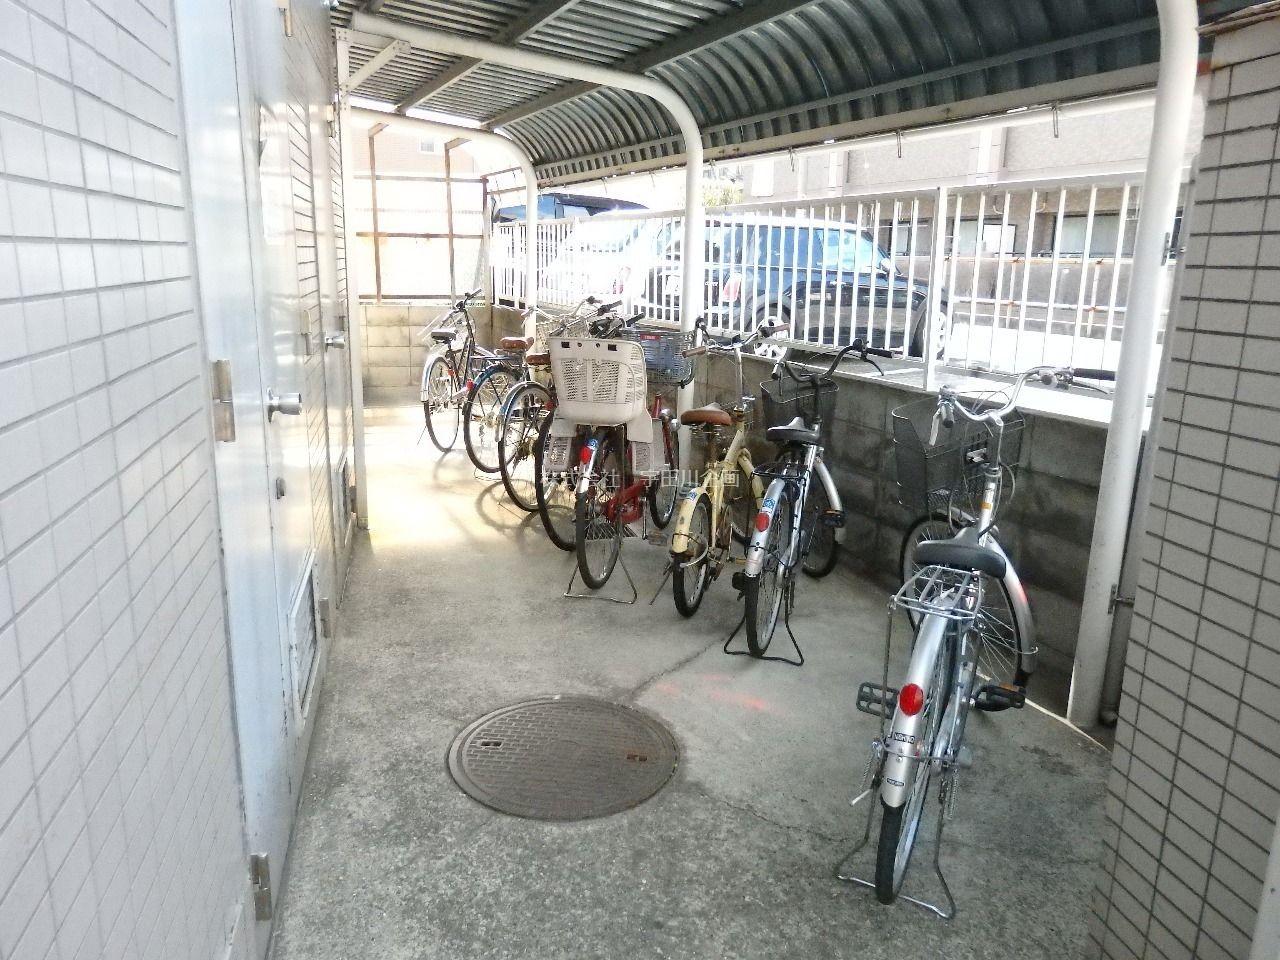 屋根が付いているので大事な自転車も濡れません